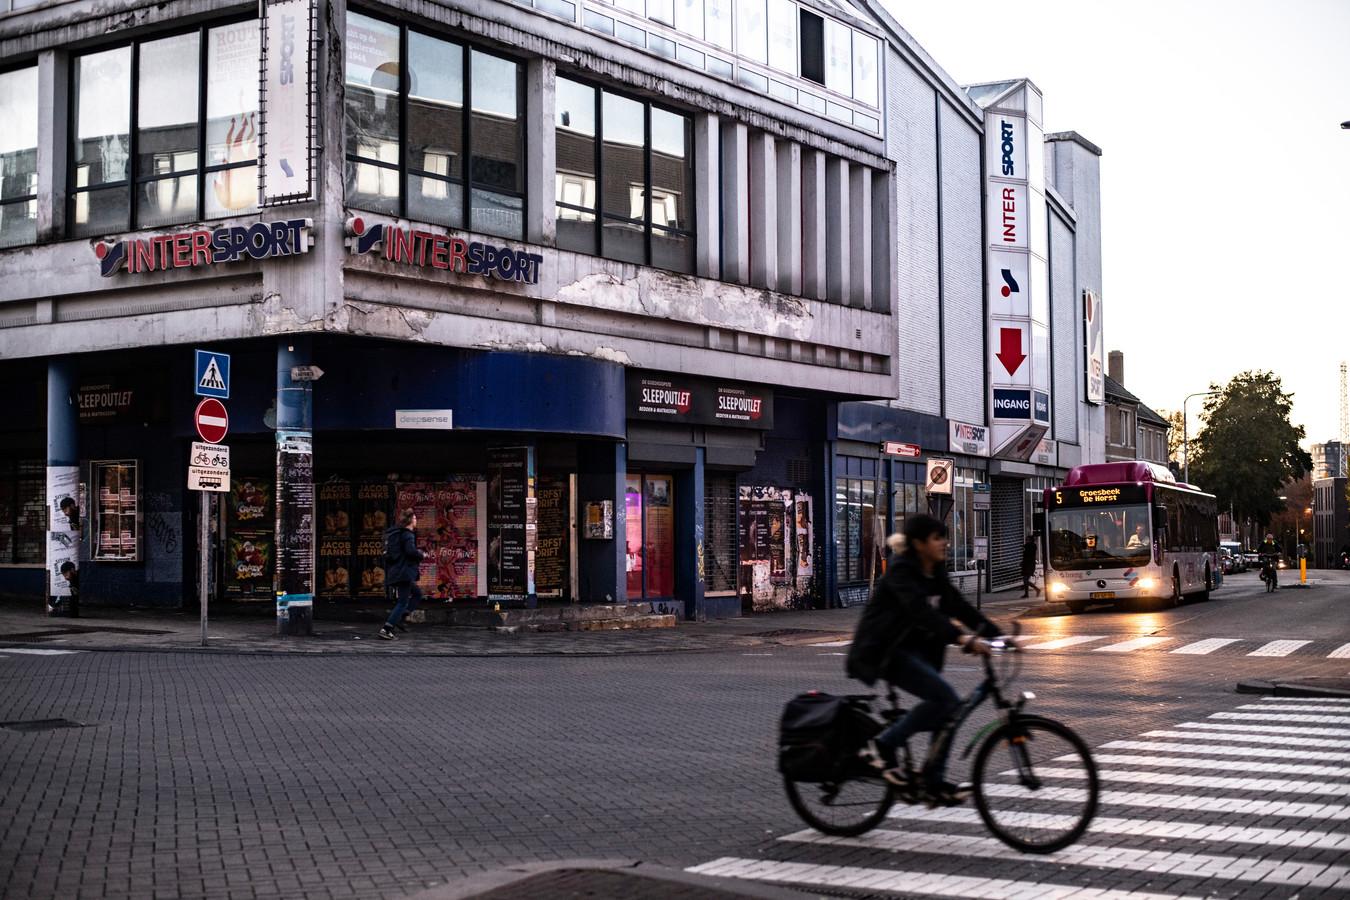 fca2301e2a8 Naoorlogs visitekaartje is nu het spookhuis van de stad | Foto |  gelderlander.nl